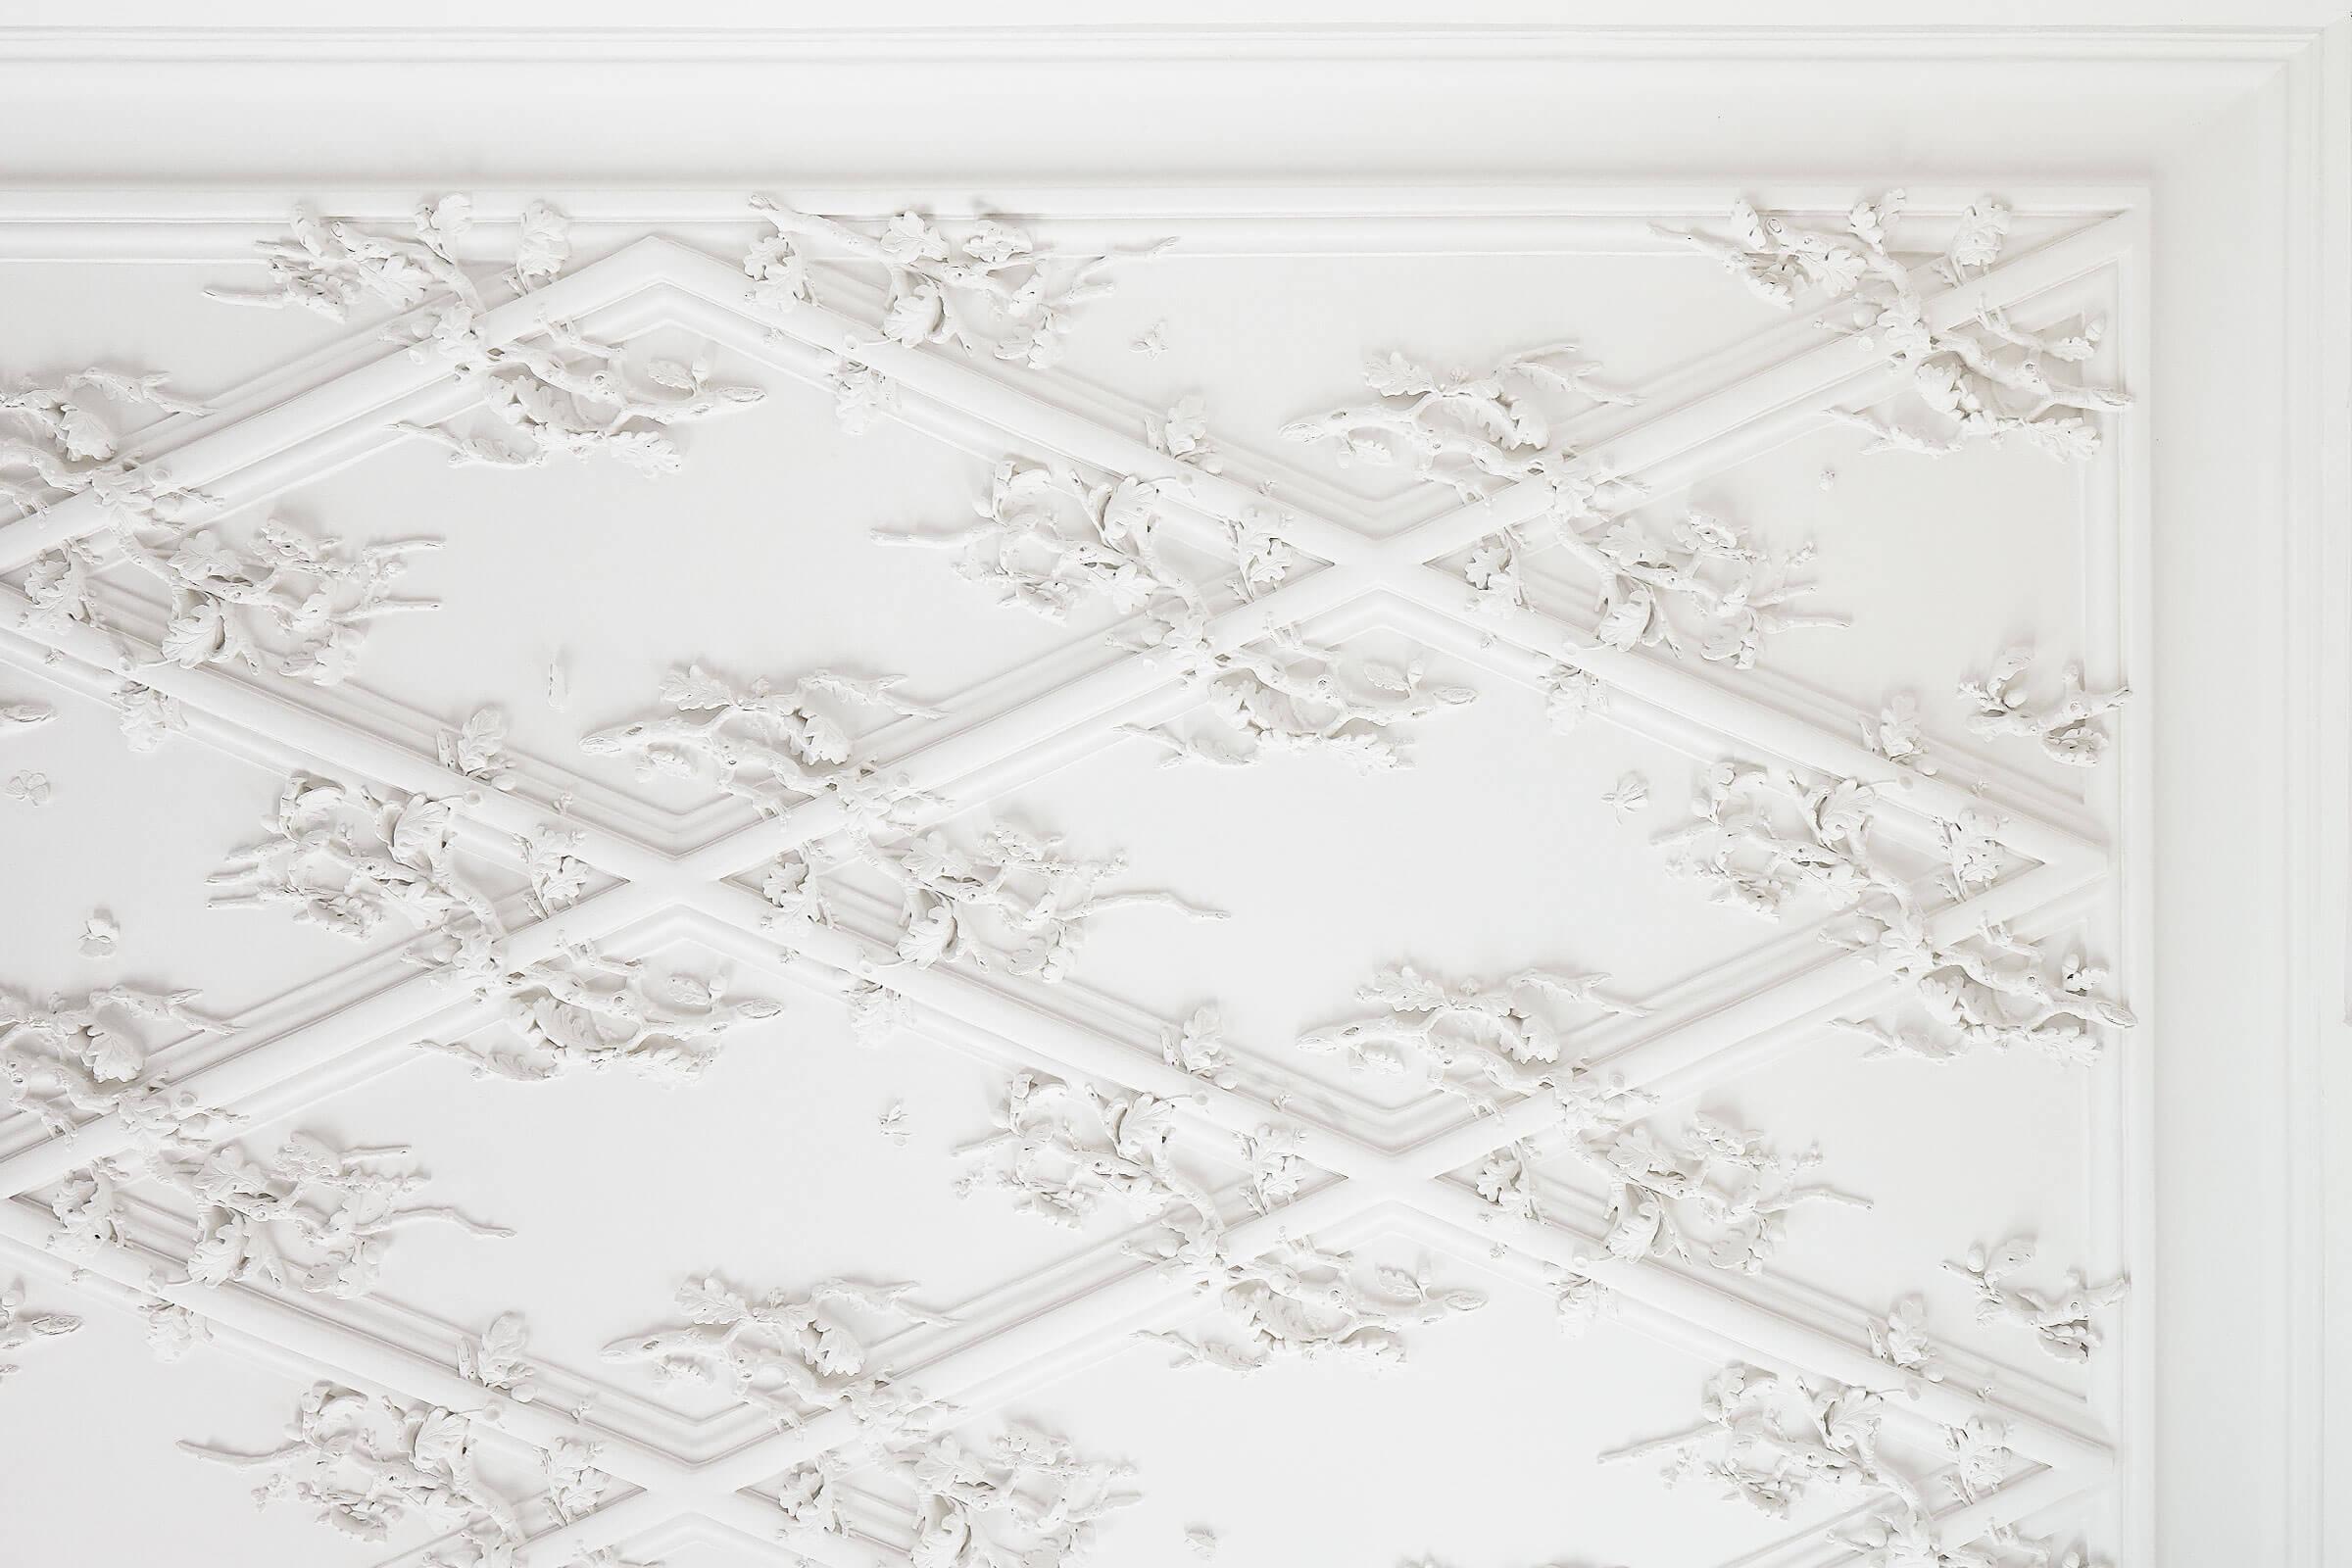 stukloft interiør stuk stukkatur claus lind © moderne håndværk